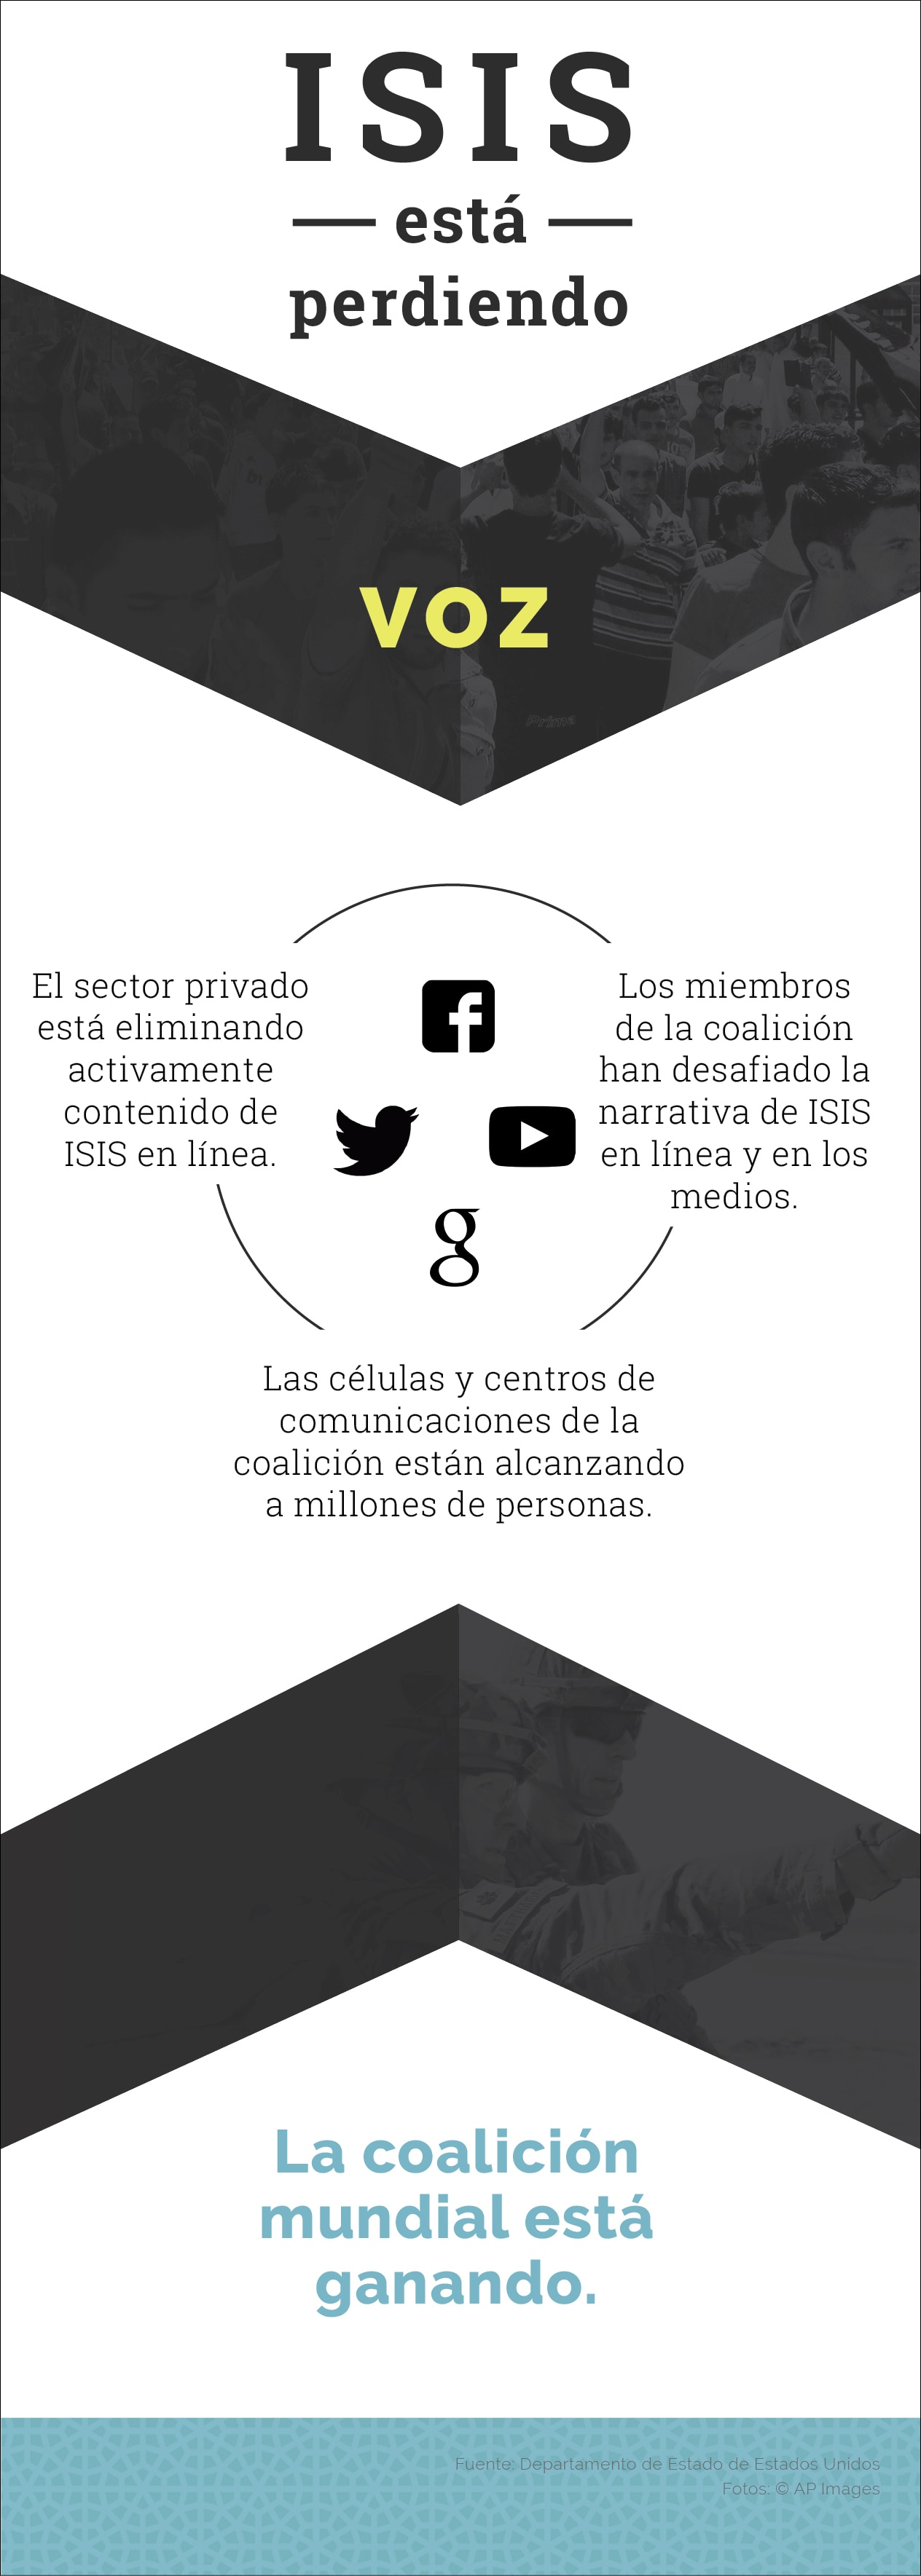 Gráfica muestra la influencia y la pérdida de voz de ISIS (Depto. de Estado)